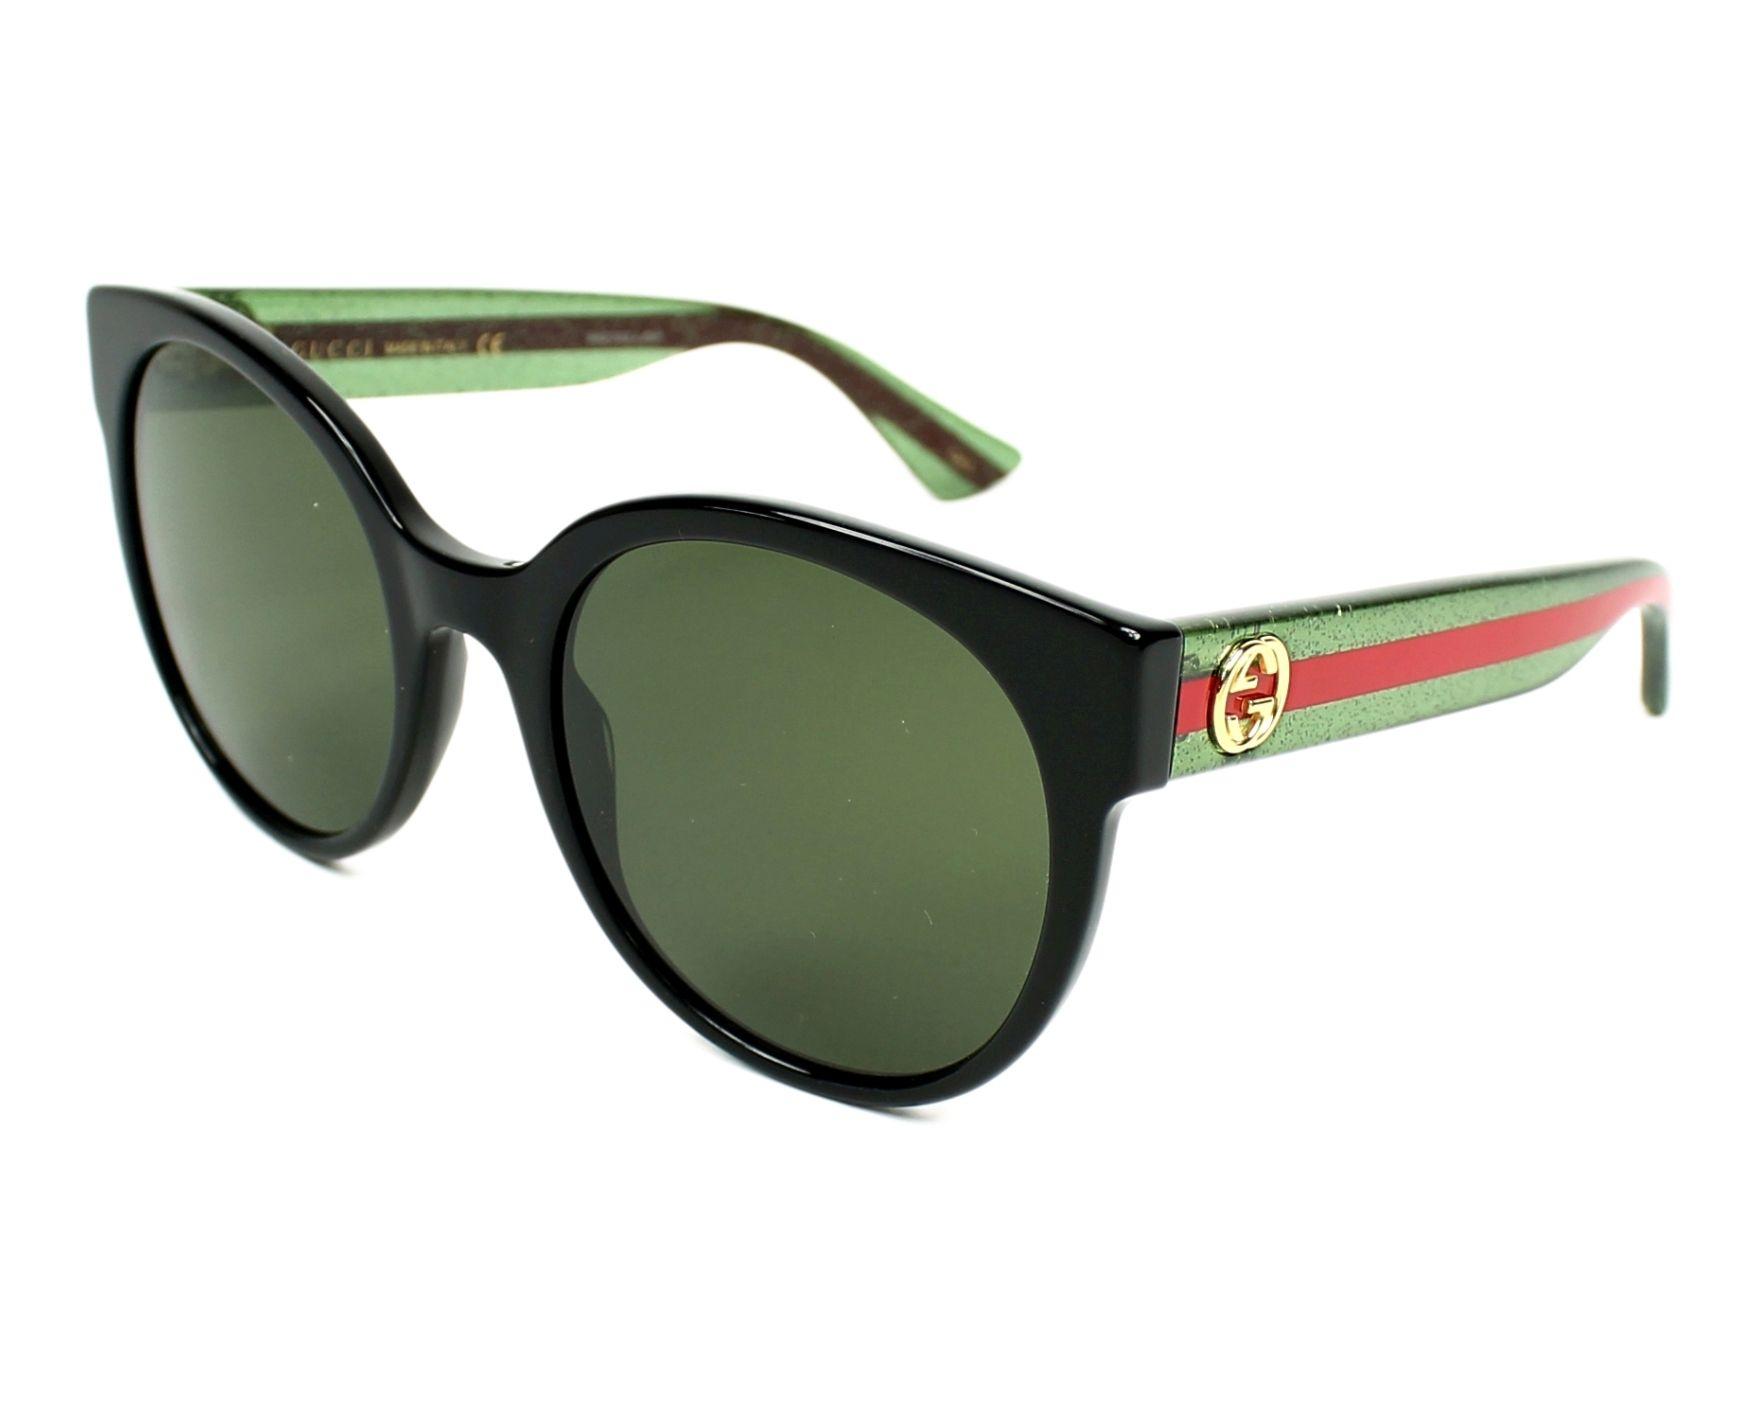 44dbd18c22 Gafas de sol Gucci - Precios bajos durante todo el año